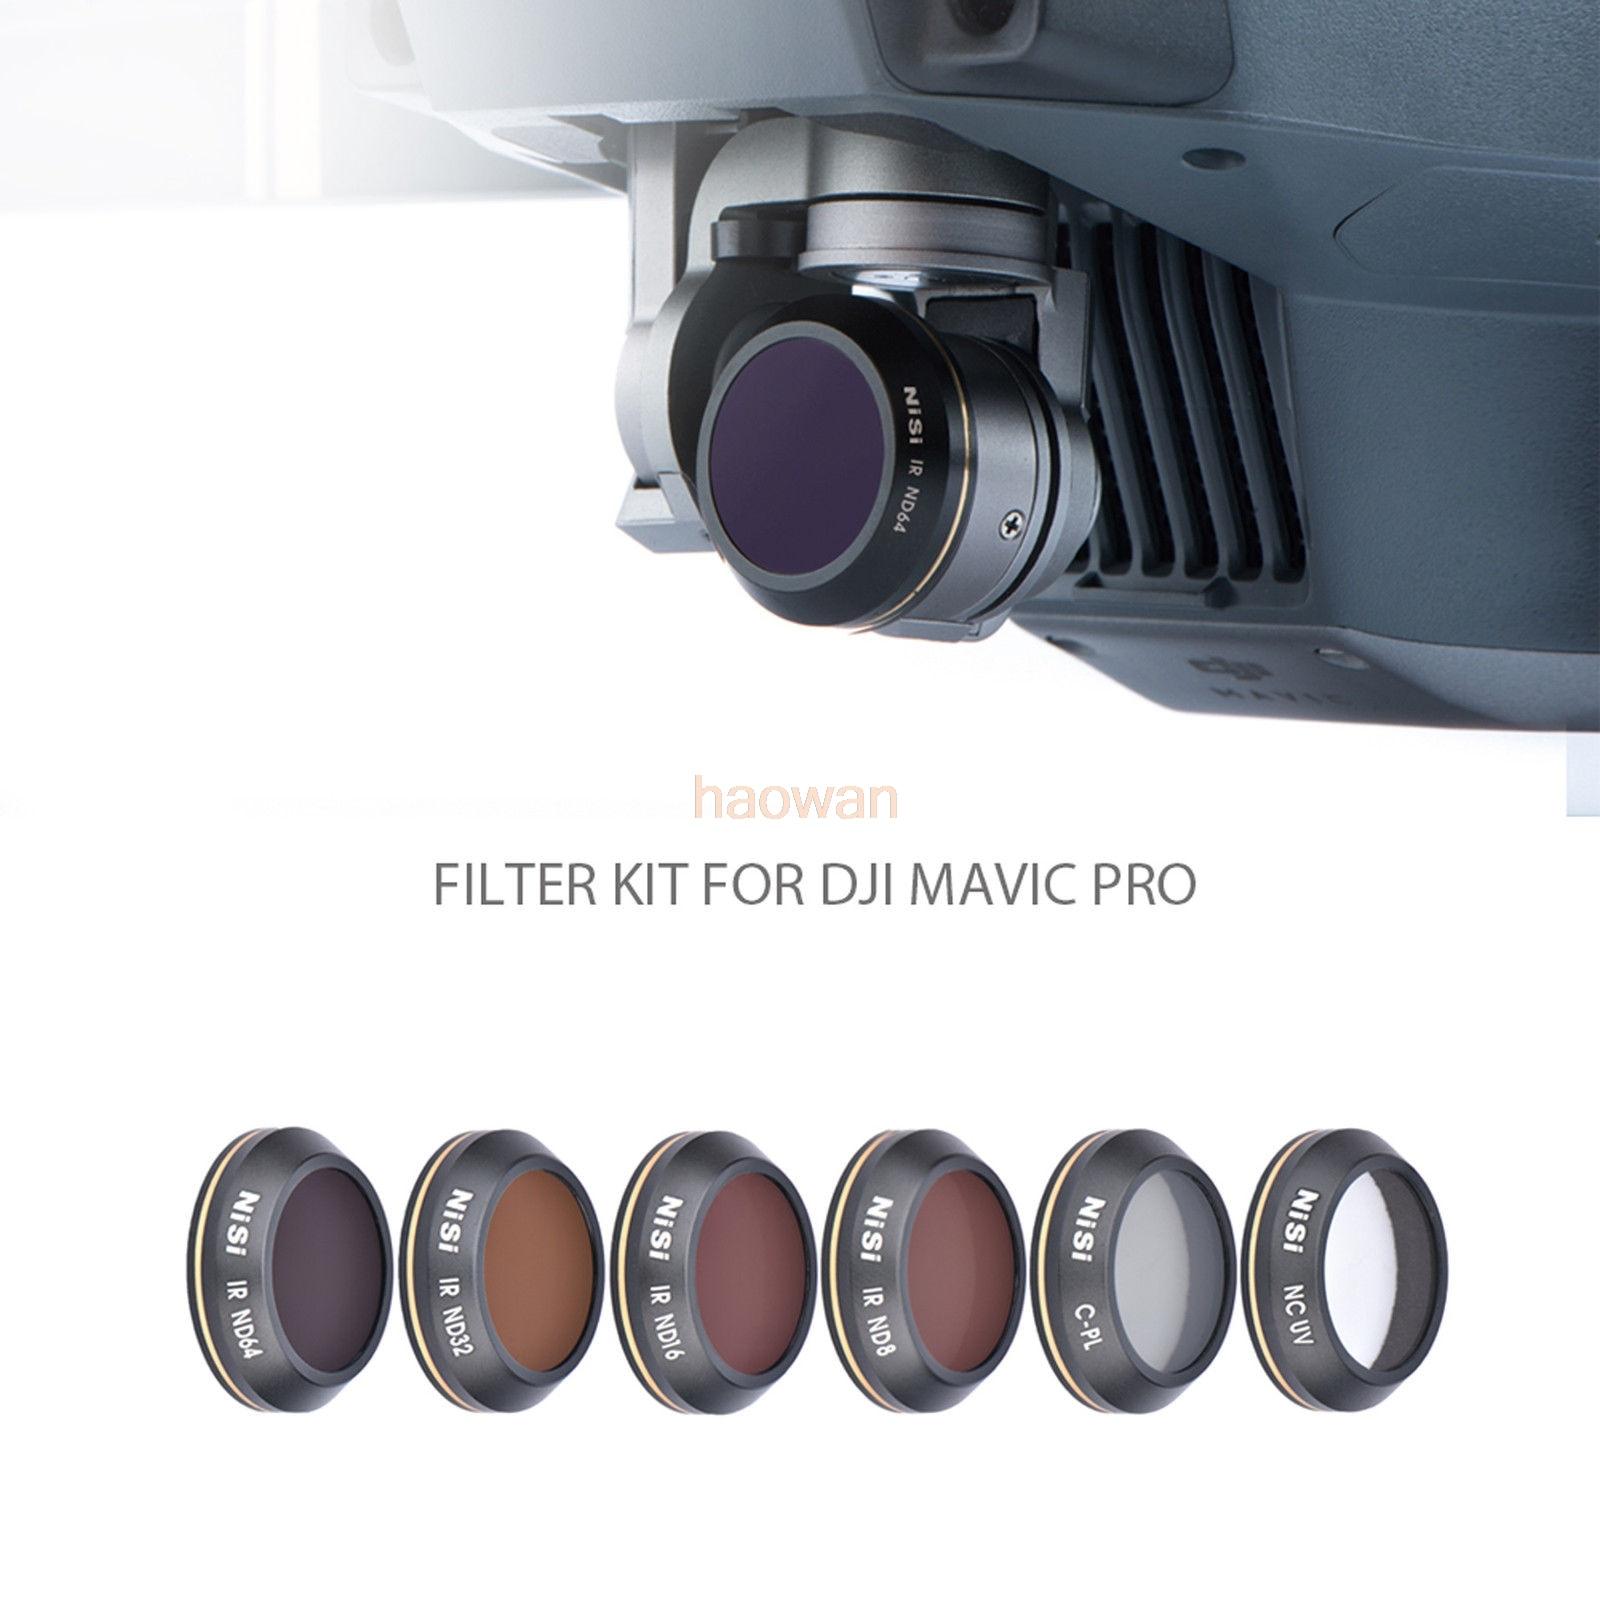 Cpl + mcuv + nd8 + nd16 + nd32 + nd64 nd protecteur de filtre d'objectif pour caméra DJI mavic pro